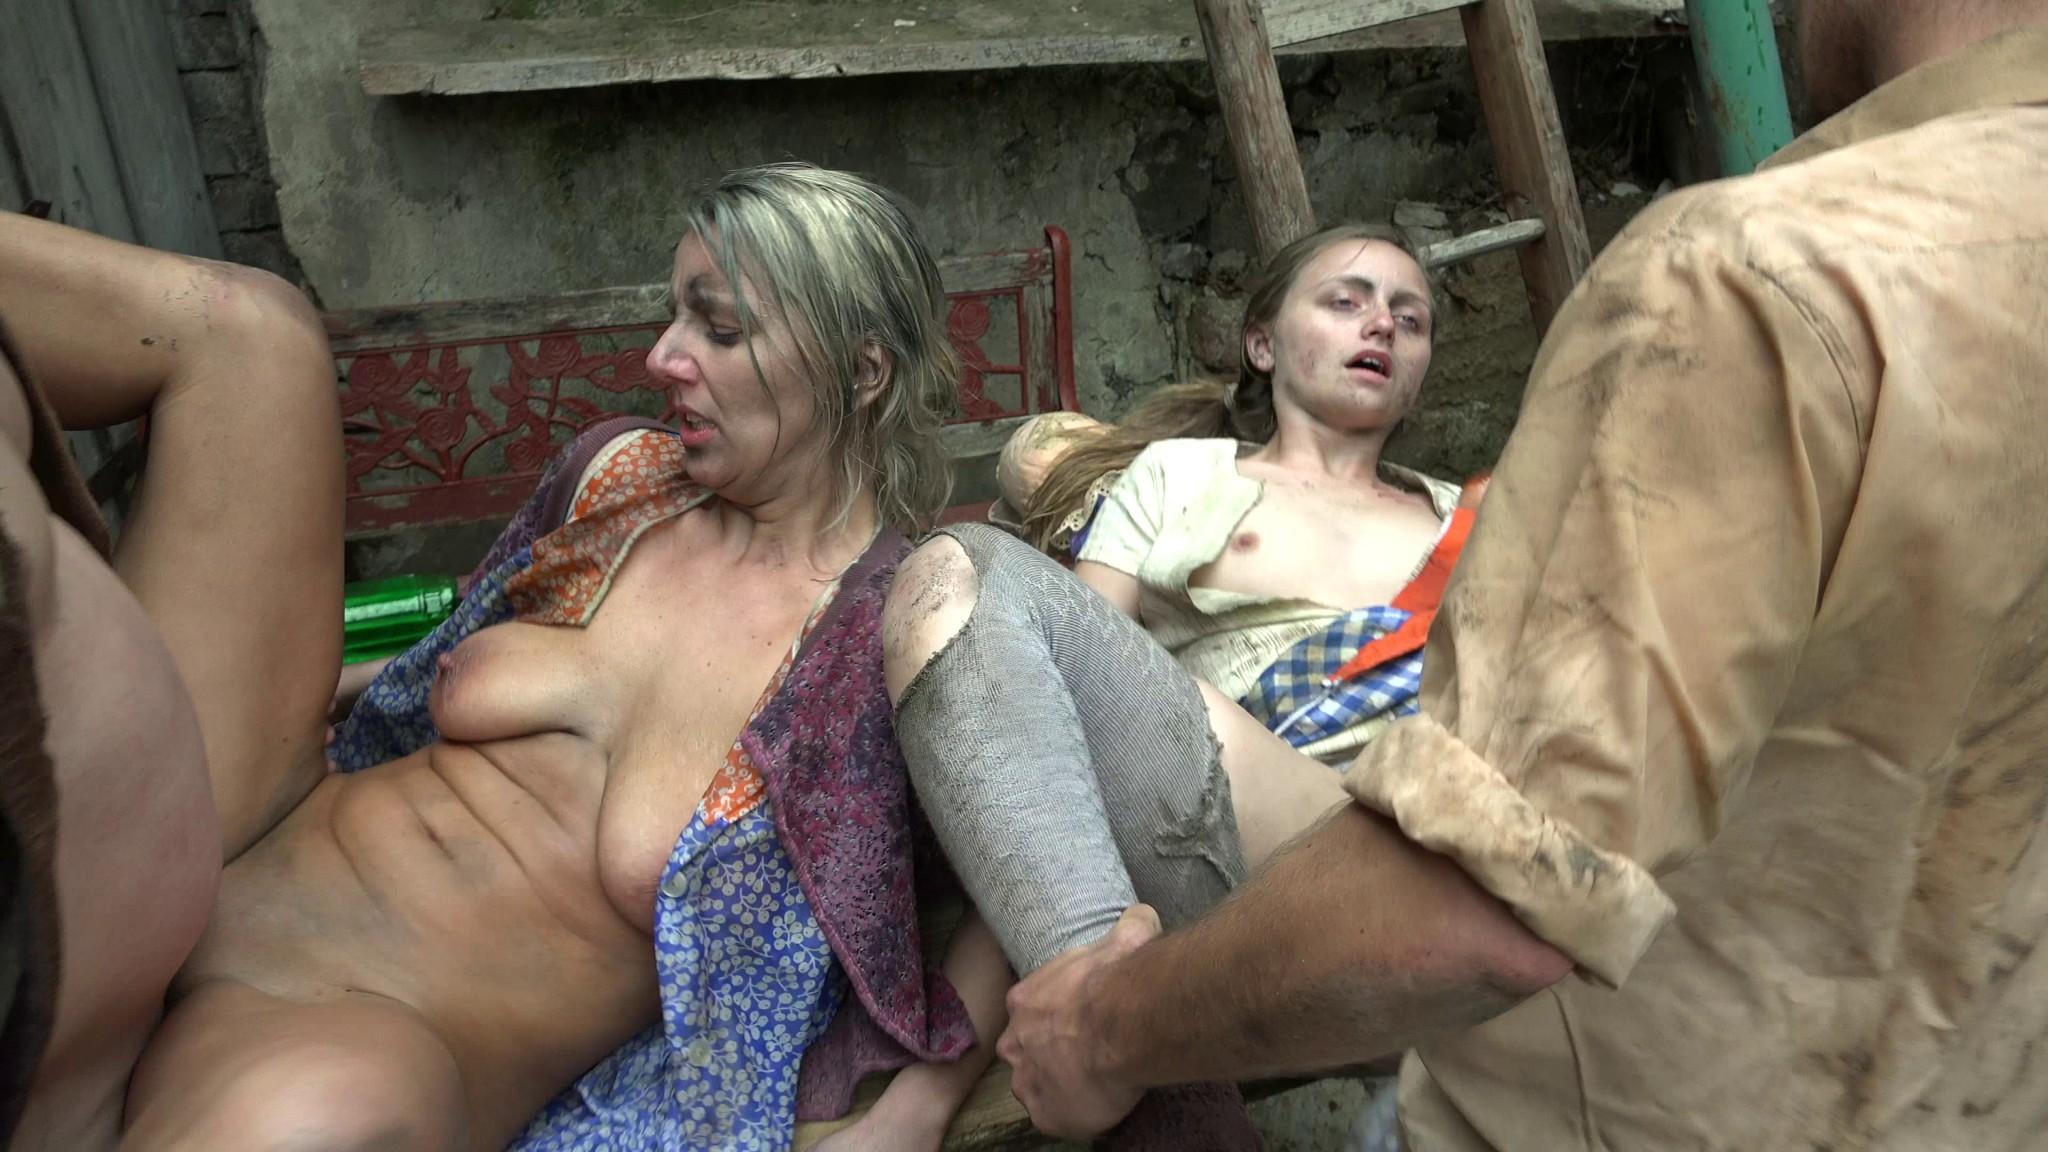 что информация, порно фото бедные девушки была ещё слабость